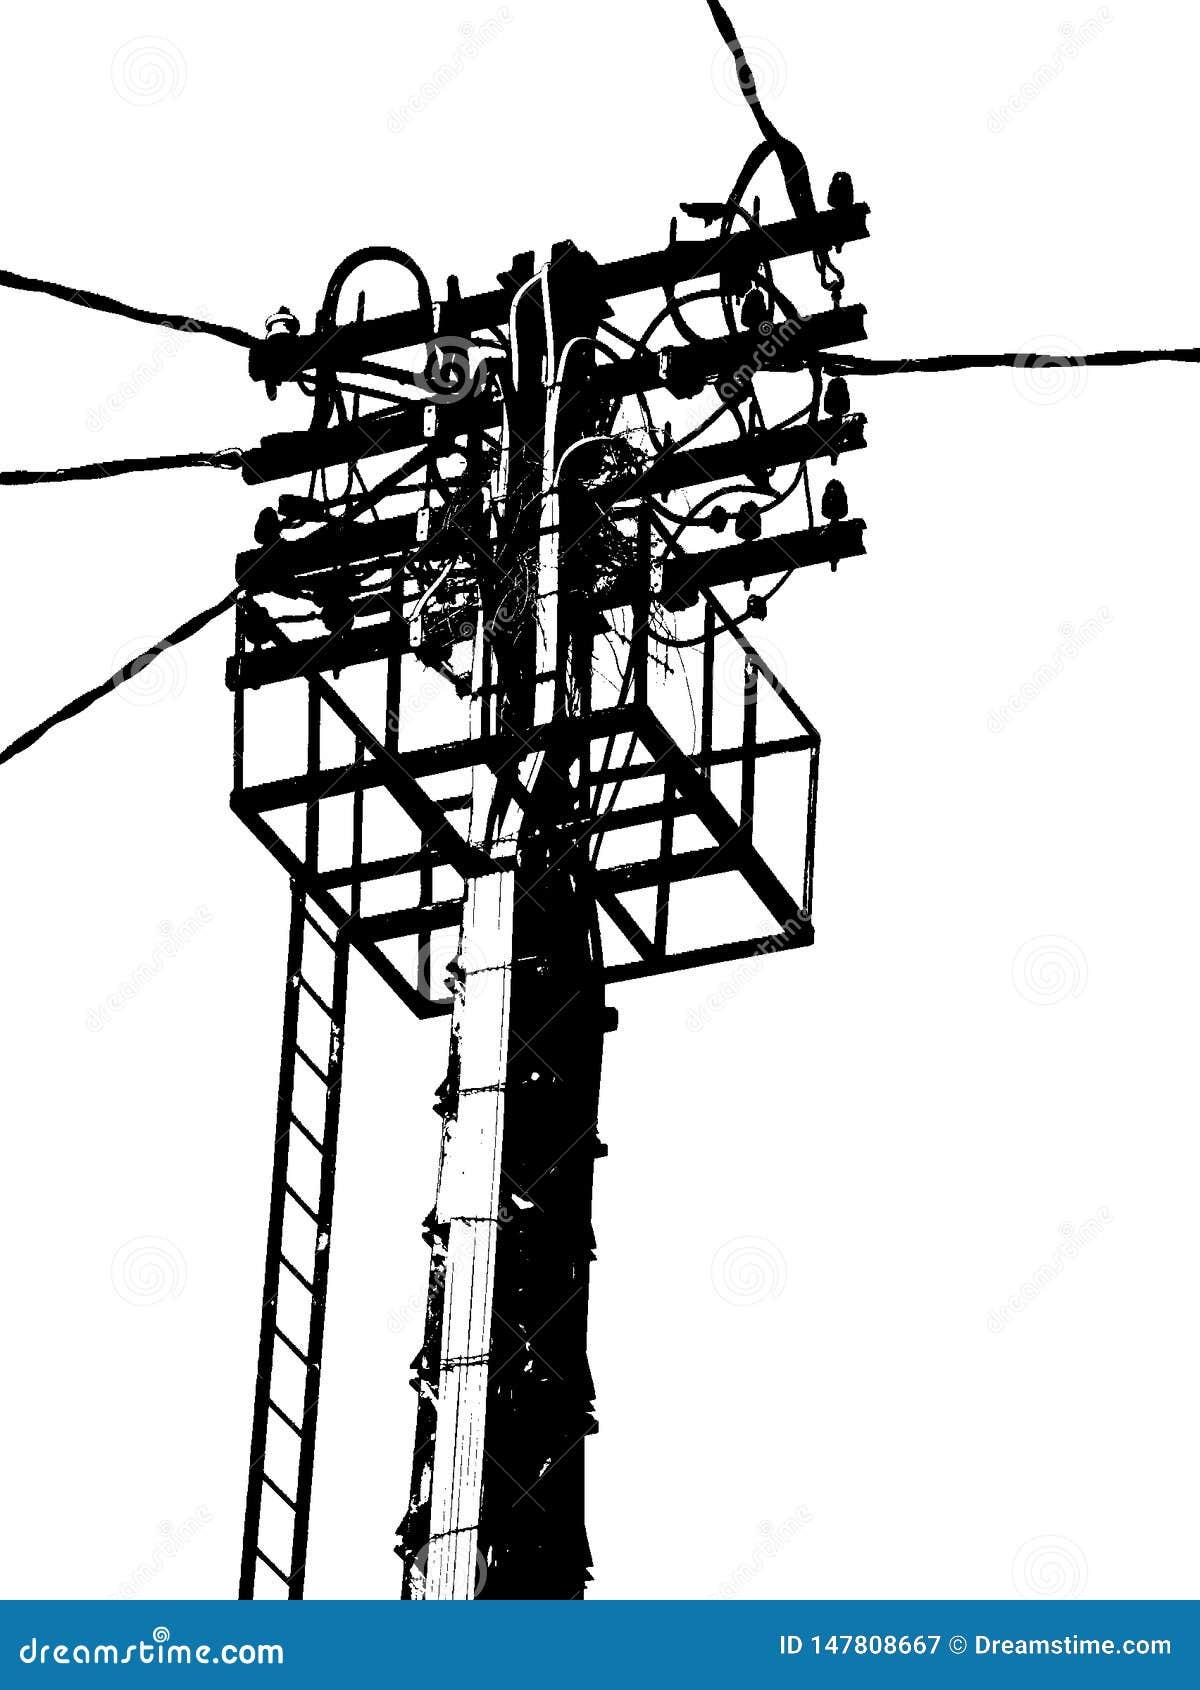 Antena eléctrica en poste blanco y negro, ligero